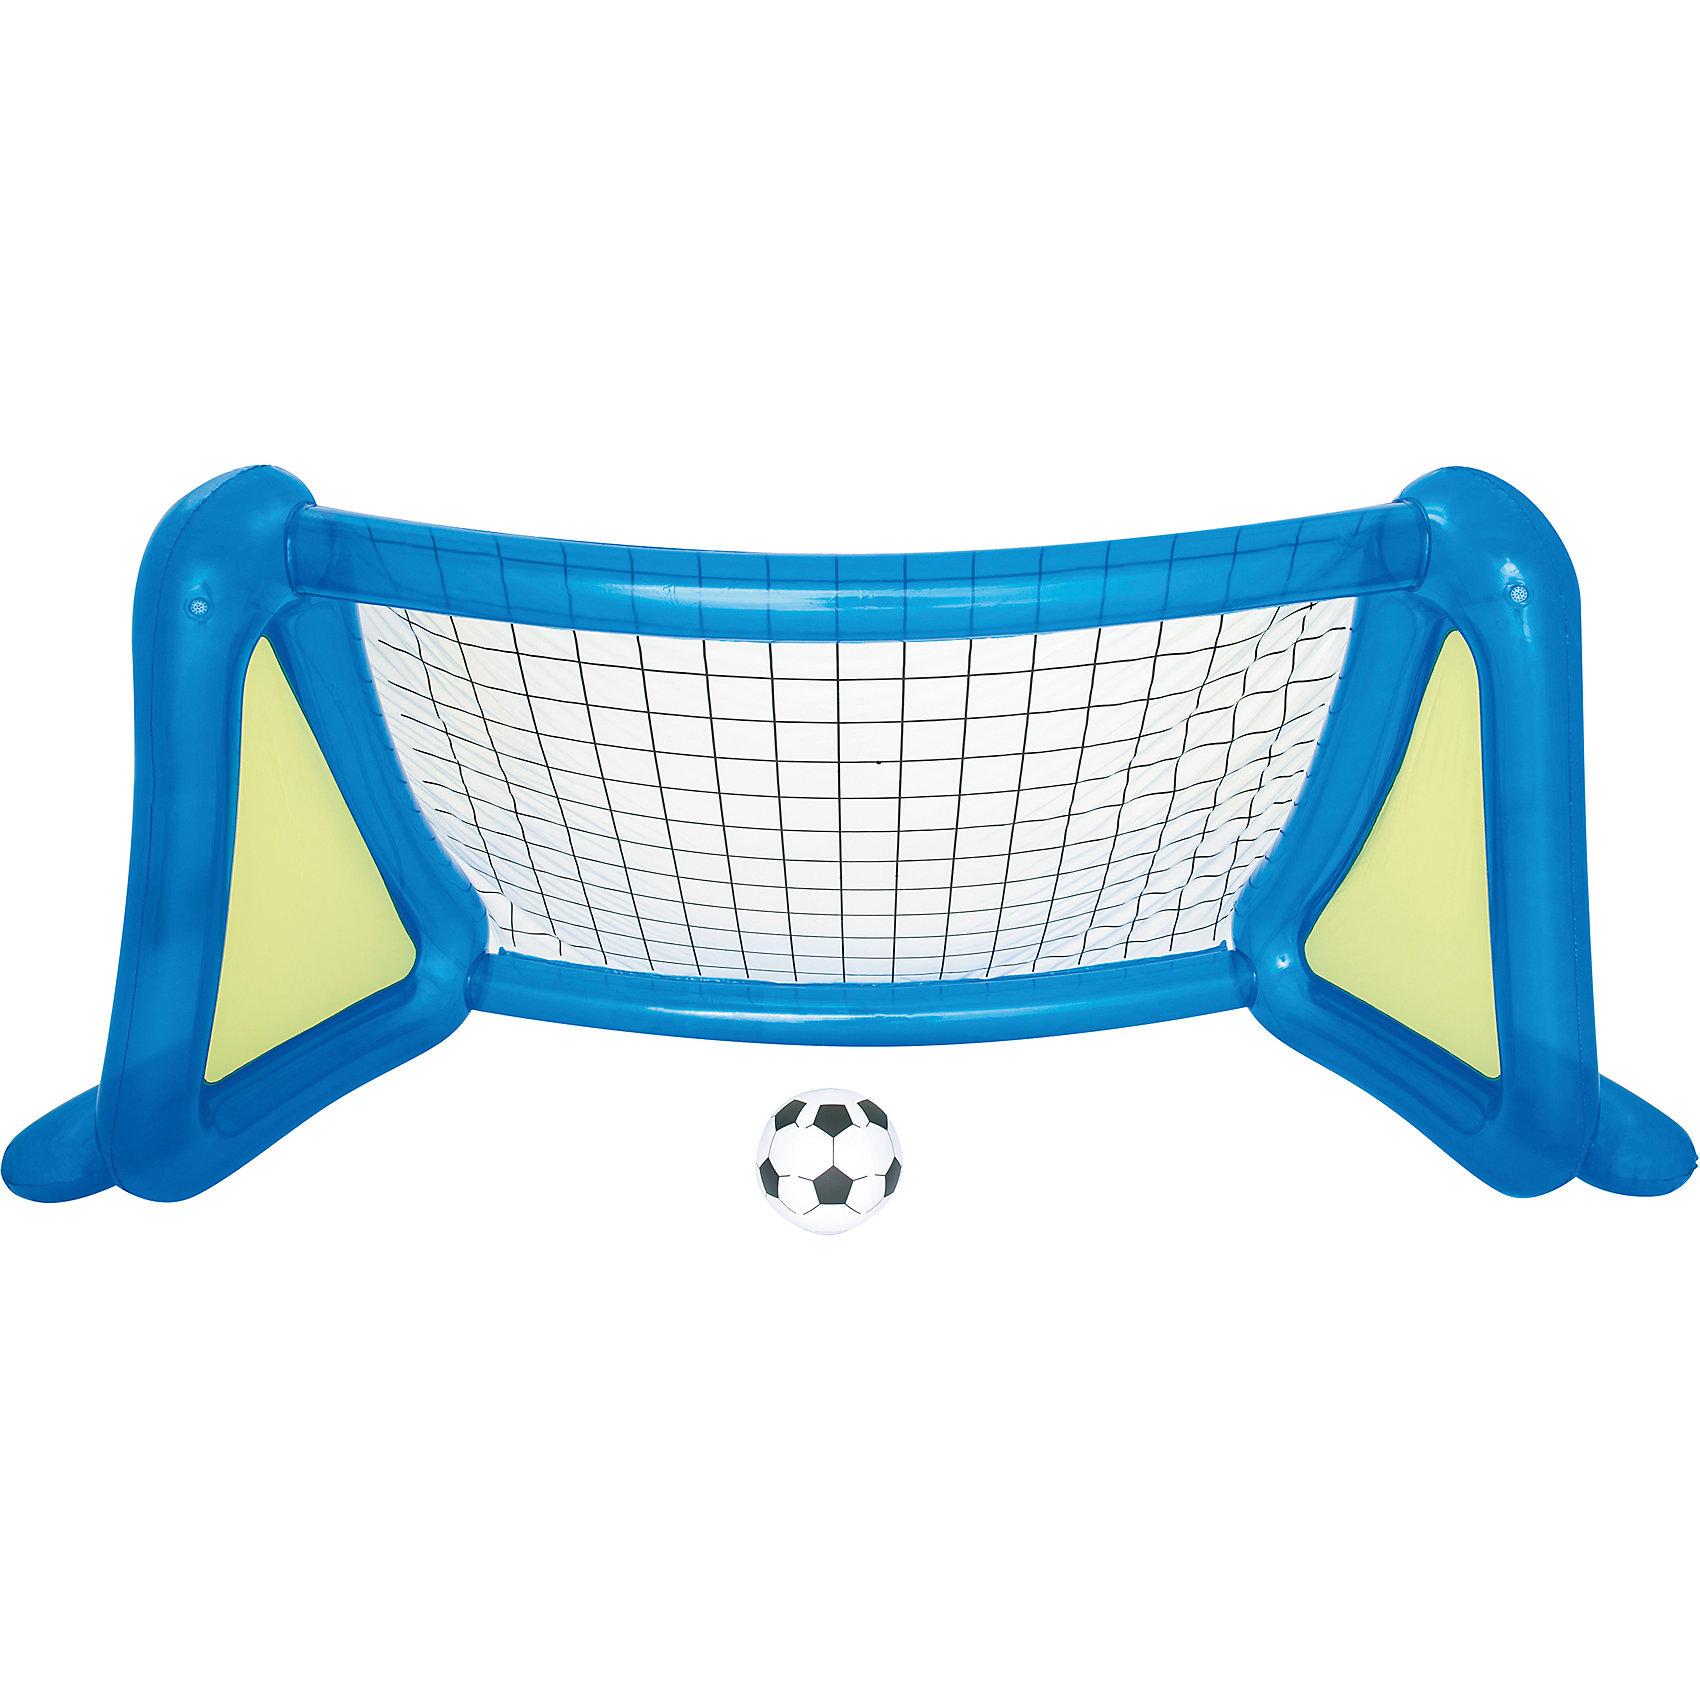 Футбольный набор: надувные ворота с брызгалкой + мяч, BestwayИгровые наборы<br>Футбольный набор: надувные ворота с брызгалкой + мяч, Bestway (Бествей)<br><br>Характеристики:<br><br>• устойчивая конструкция<br>• освежающие брызгалки<br>• размер: 254х112х130 см<br>• размер мяча: 36 см<br>• размер упаковки: 10,5х40х40 см<br>• вес: 3,6 кг<br><br>Футбольный набор Bestway - отличный вариант для активного отдыха в жаркий день. Конструкция ворот будет устойчиво располагаться на земле, если вы нальете в нее воды. По бокам расположены две брызгалки, которые помогут детям освежиться во время игры. В комплект входят два мяча и заплатка для ремонта.<br><br>Футбольный набор: надувные ворота с брызгалкой + мяч, Bestway (Бествей) можно купить в нашем интернет-магазине.<br><br>Ширина мм: 420<br>Глубина мм: 335<br>Высота мм: 415<br>Вес г: 3585<br>Возраст от месяцев: 48<br>Возраст до месяцев: 2147483647<br>Пол: Унисекс<br>Возраст: Детский<br>SKU: 5486906